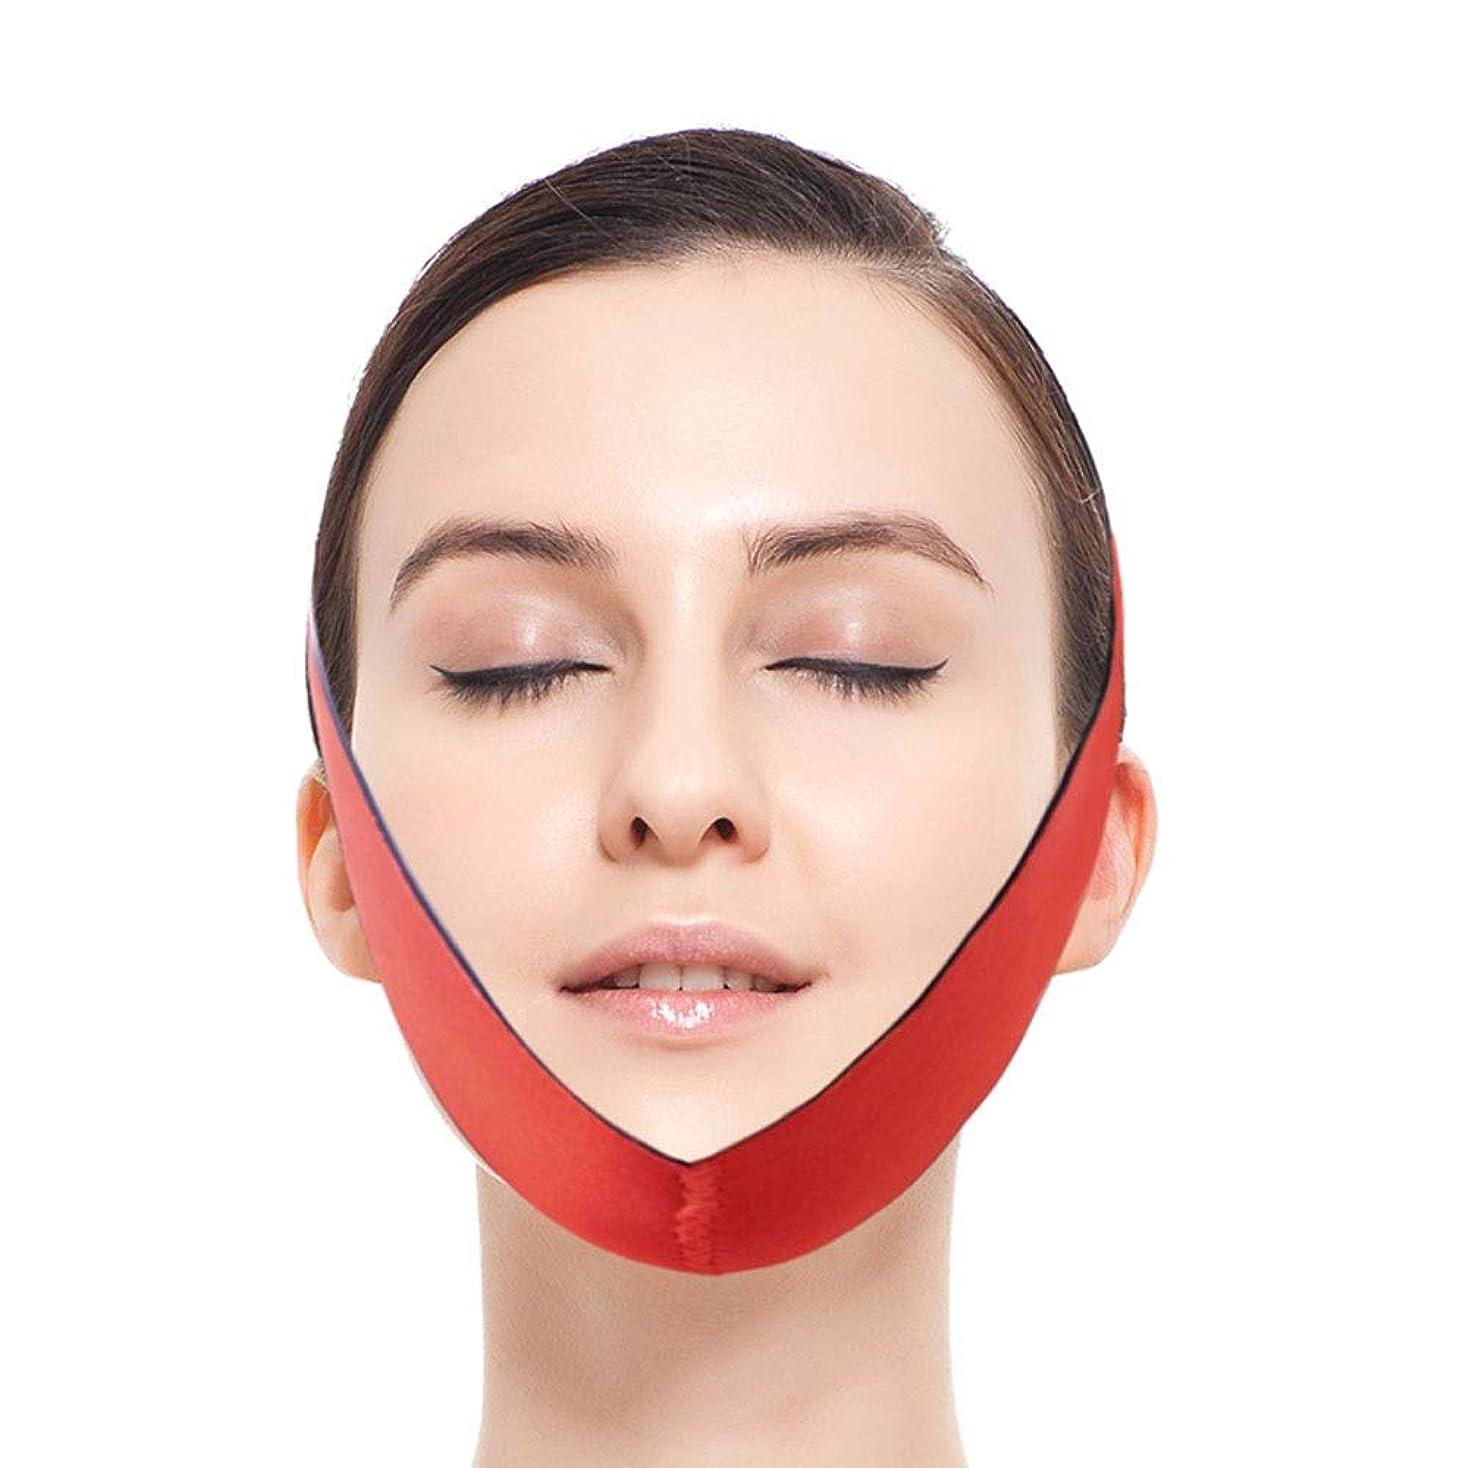 言語発明夜明けにGYZ フェイスリフティングアーティファクトVフェイス包帯マスクダブルあご引き締め顔薄い咬傷筋肉下顎矯正顔 Thin Face Belt